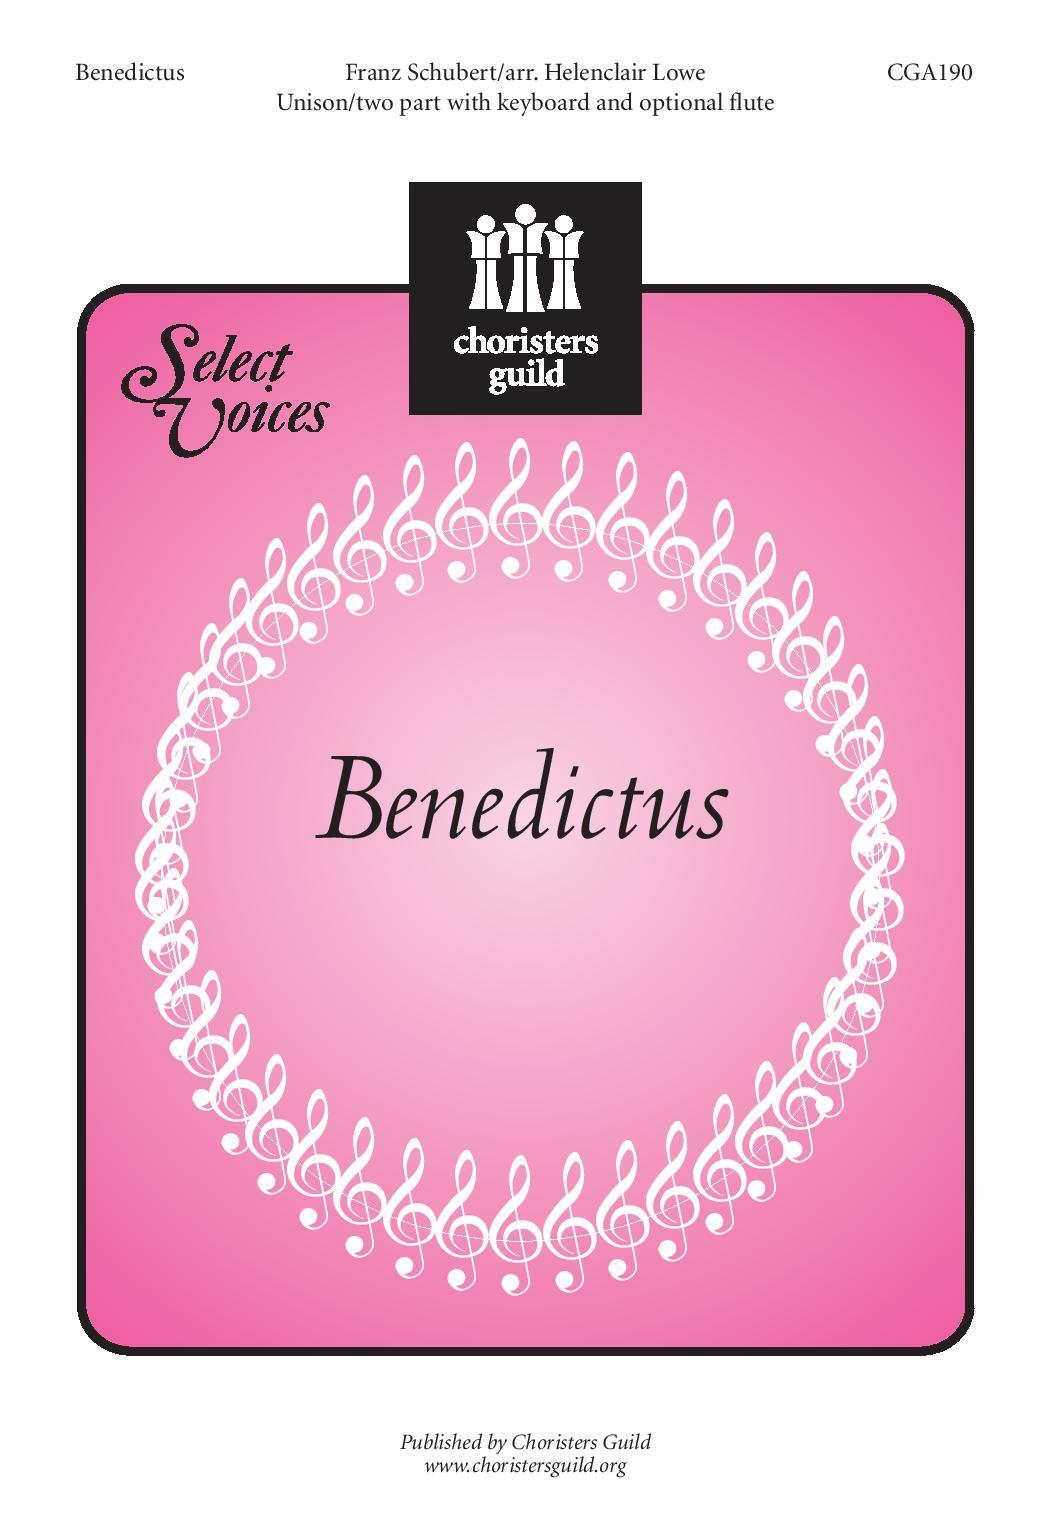 Benedictus Holy Jesus, Our Savior